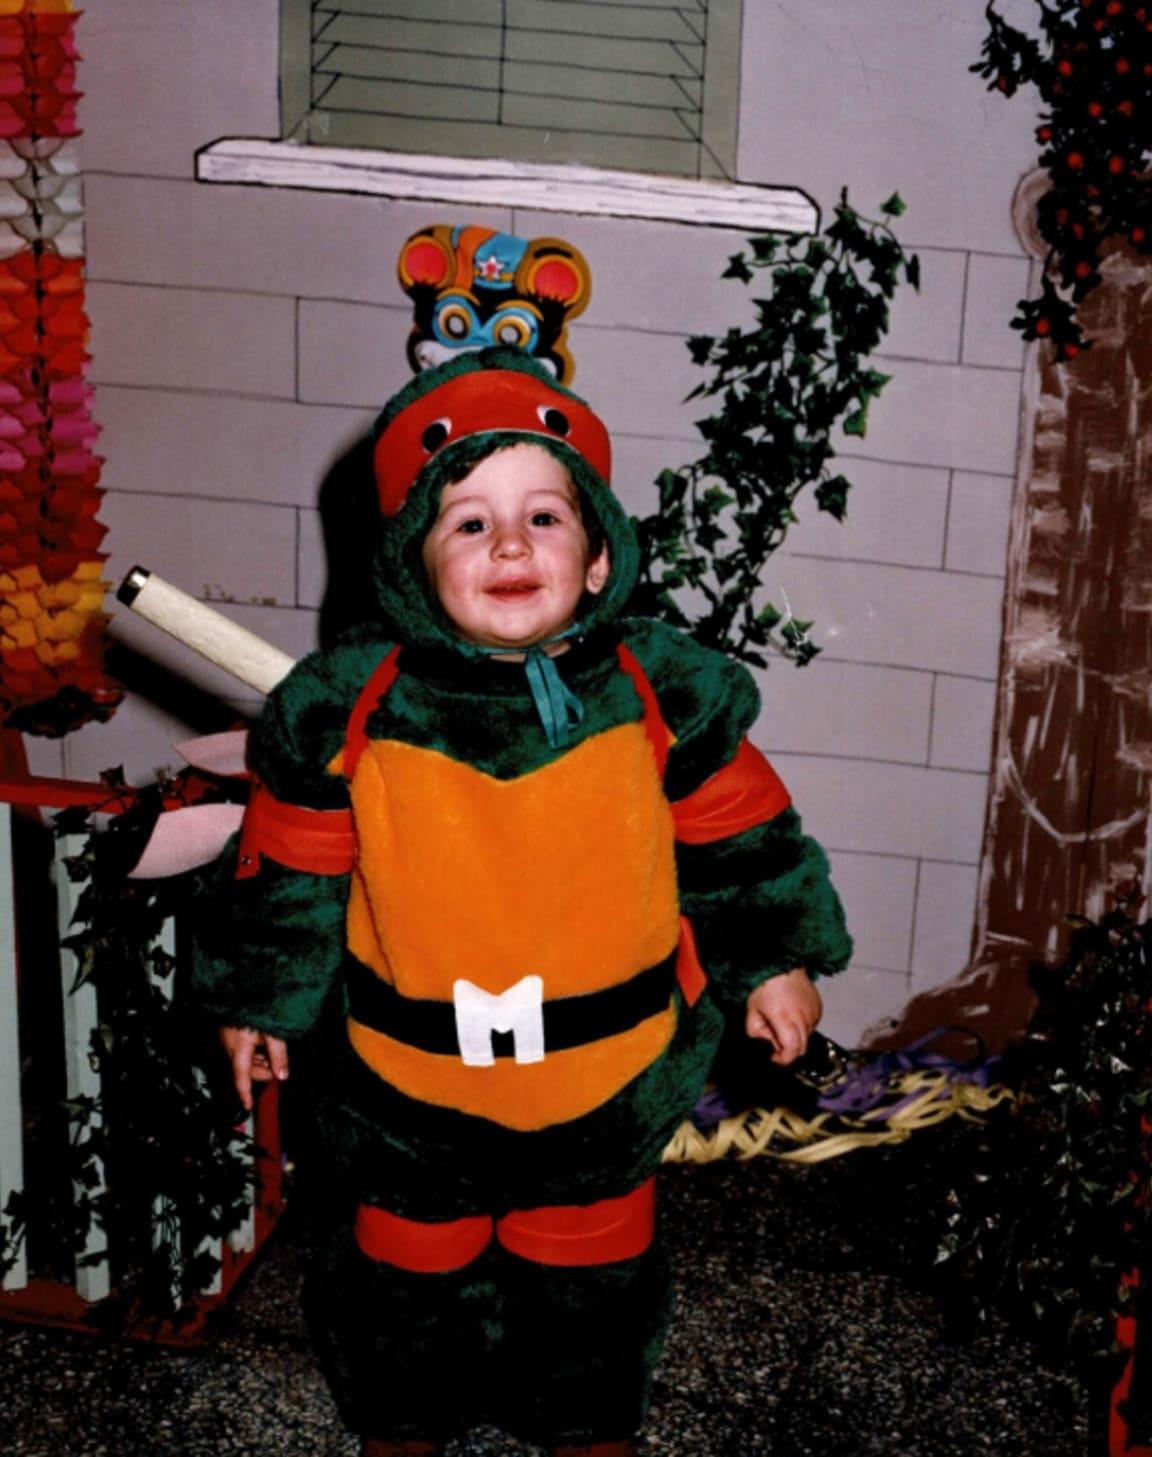 Antonio as a kid